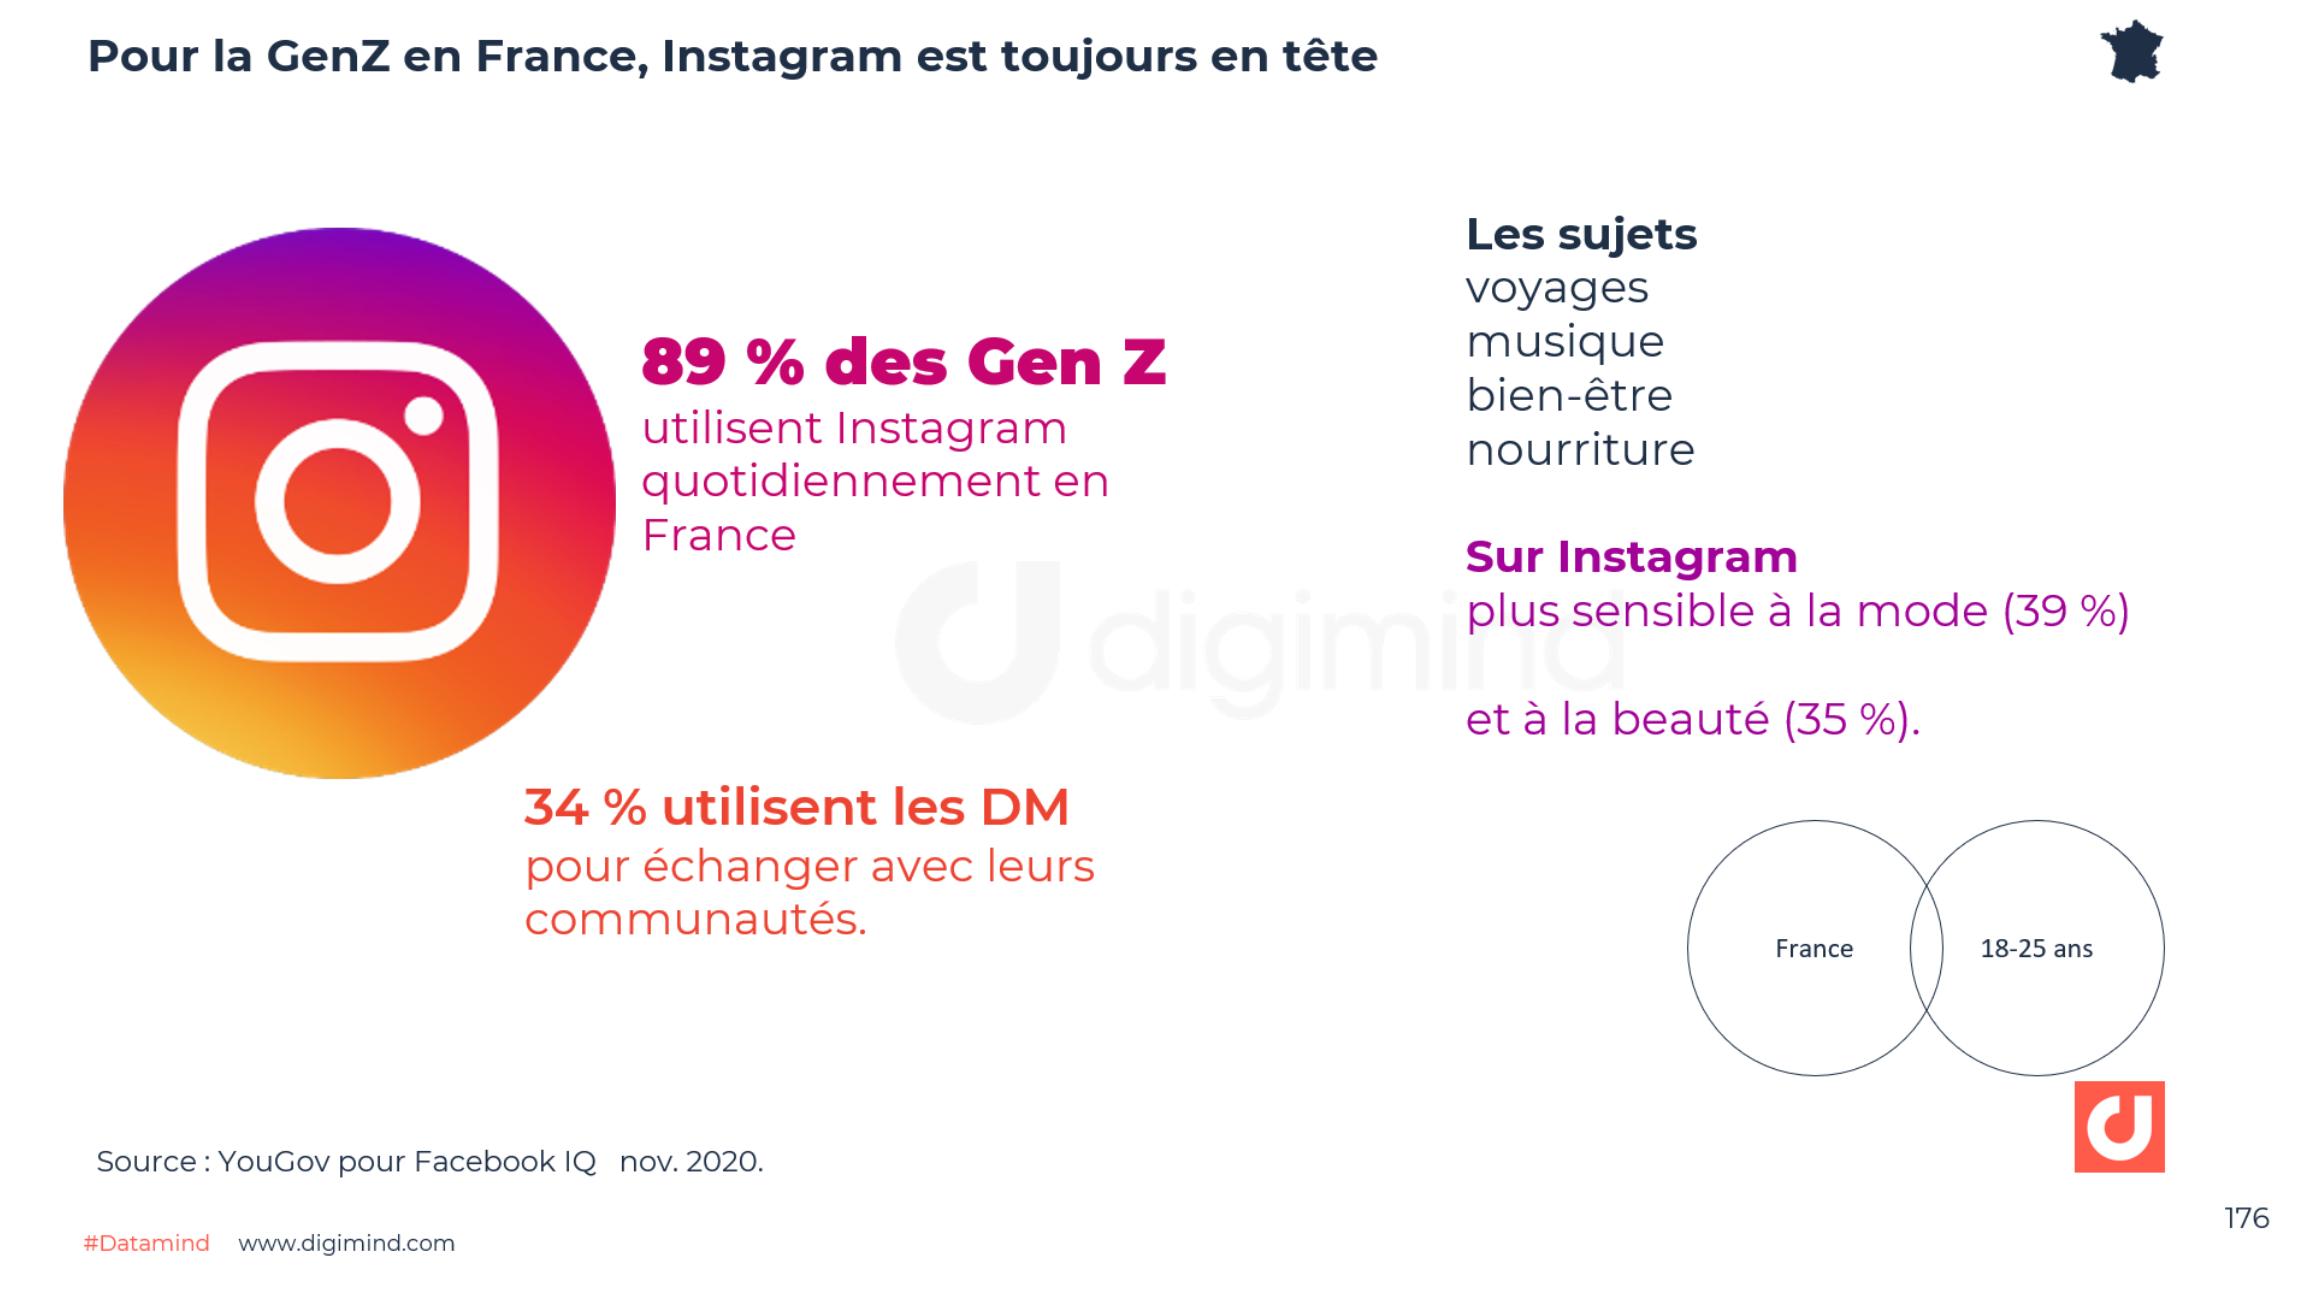 Pour la GenZ en France, Instagram est toujours en tête